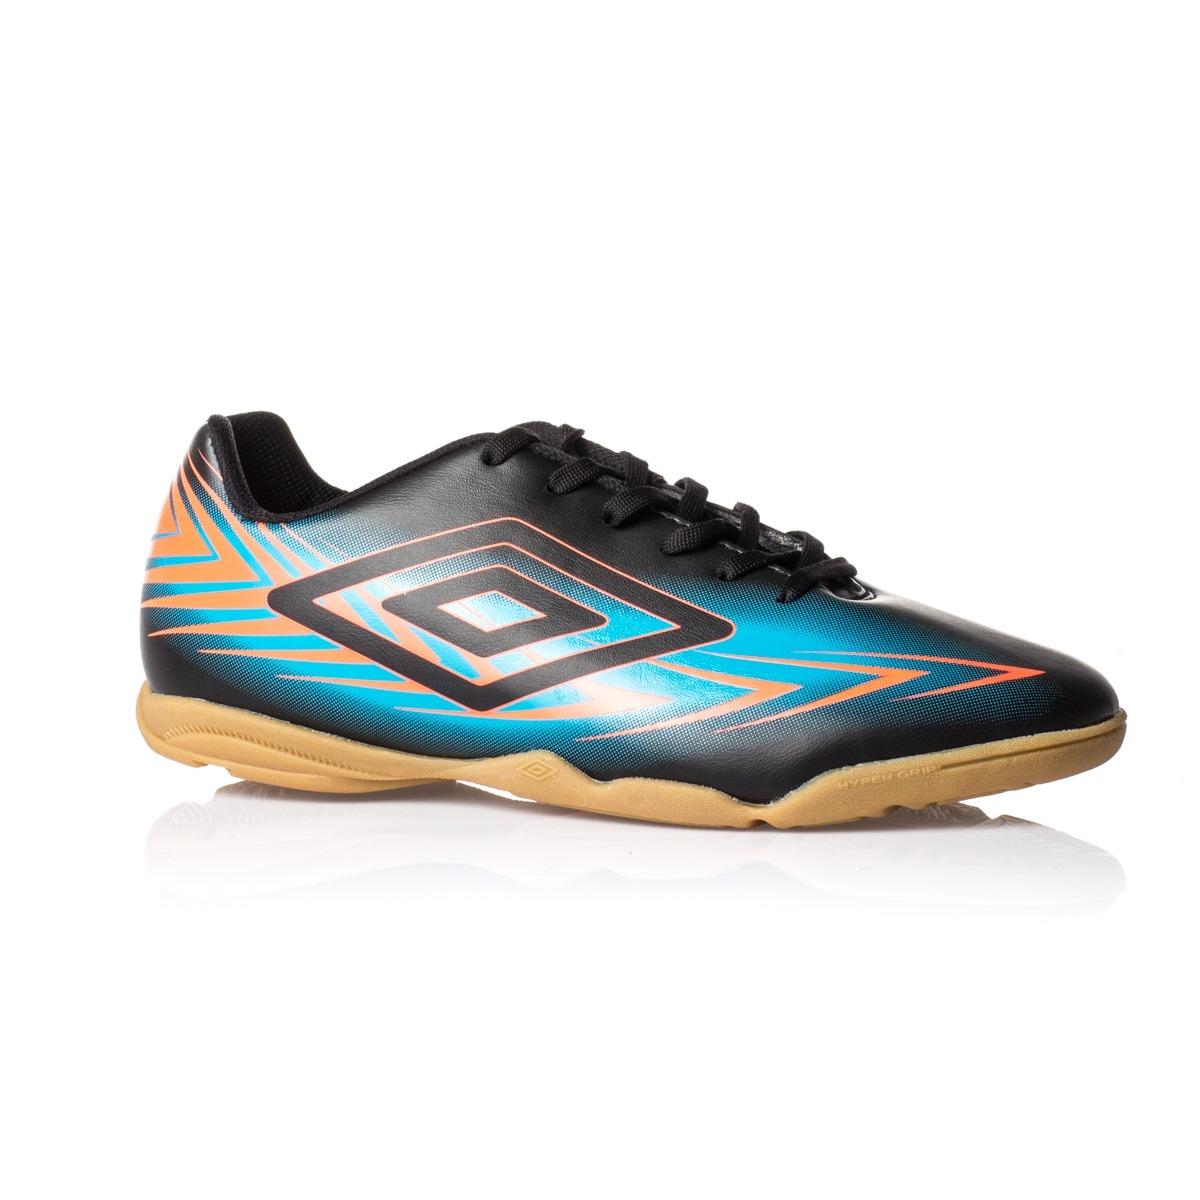 d03fafefaf tênis futsal umbro indoor preto azul coral - frete grátis! Carregando zoom.